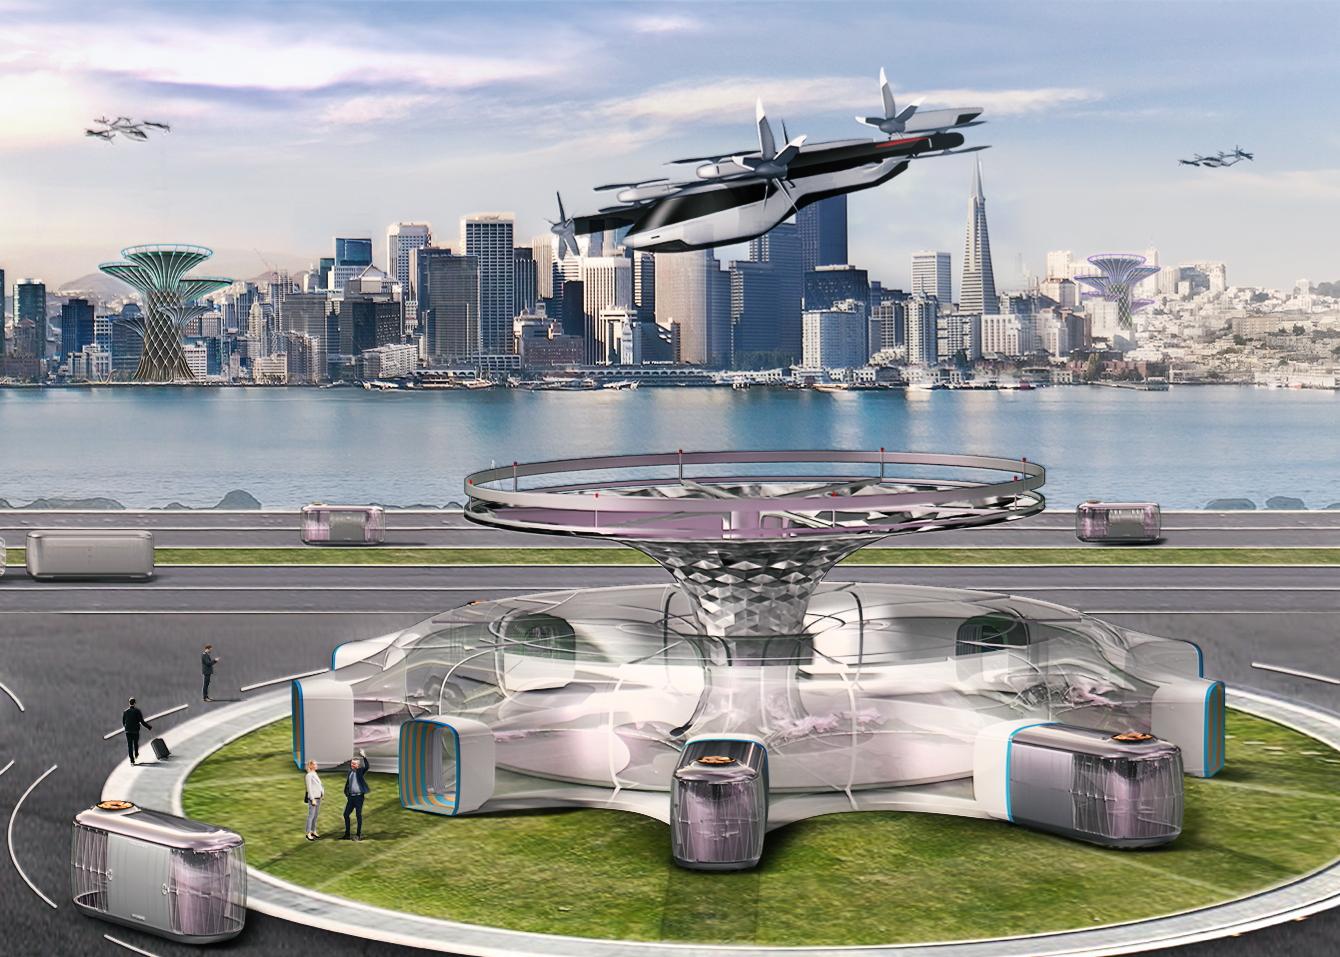 Arte conceptual de Hyundai Future Mobility eVTOL